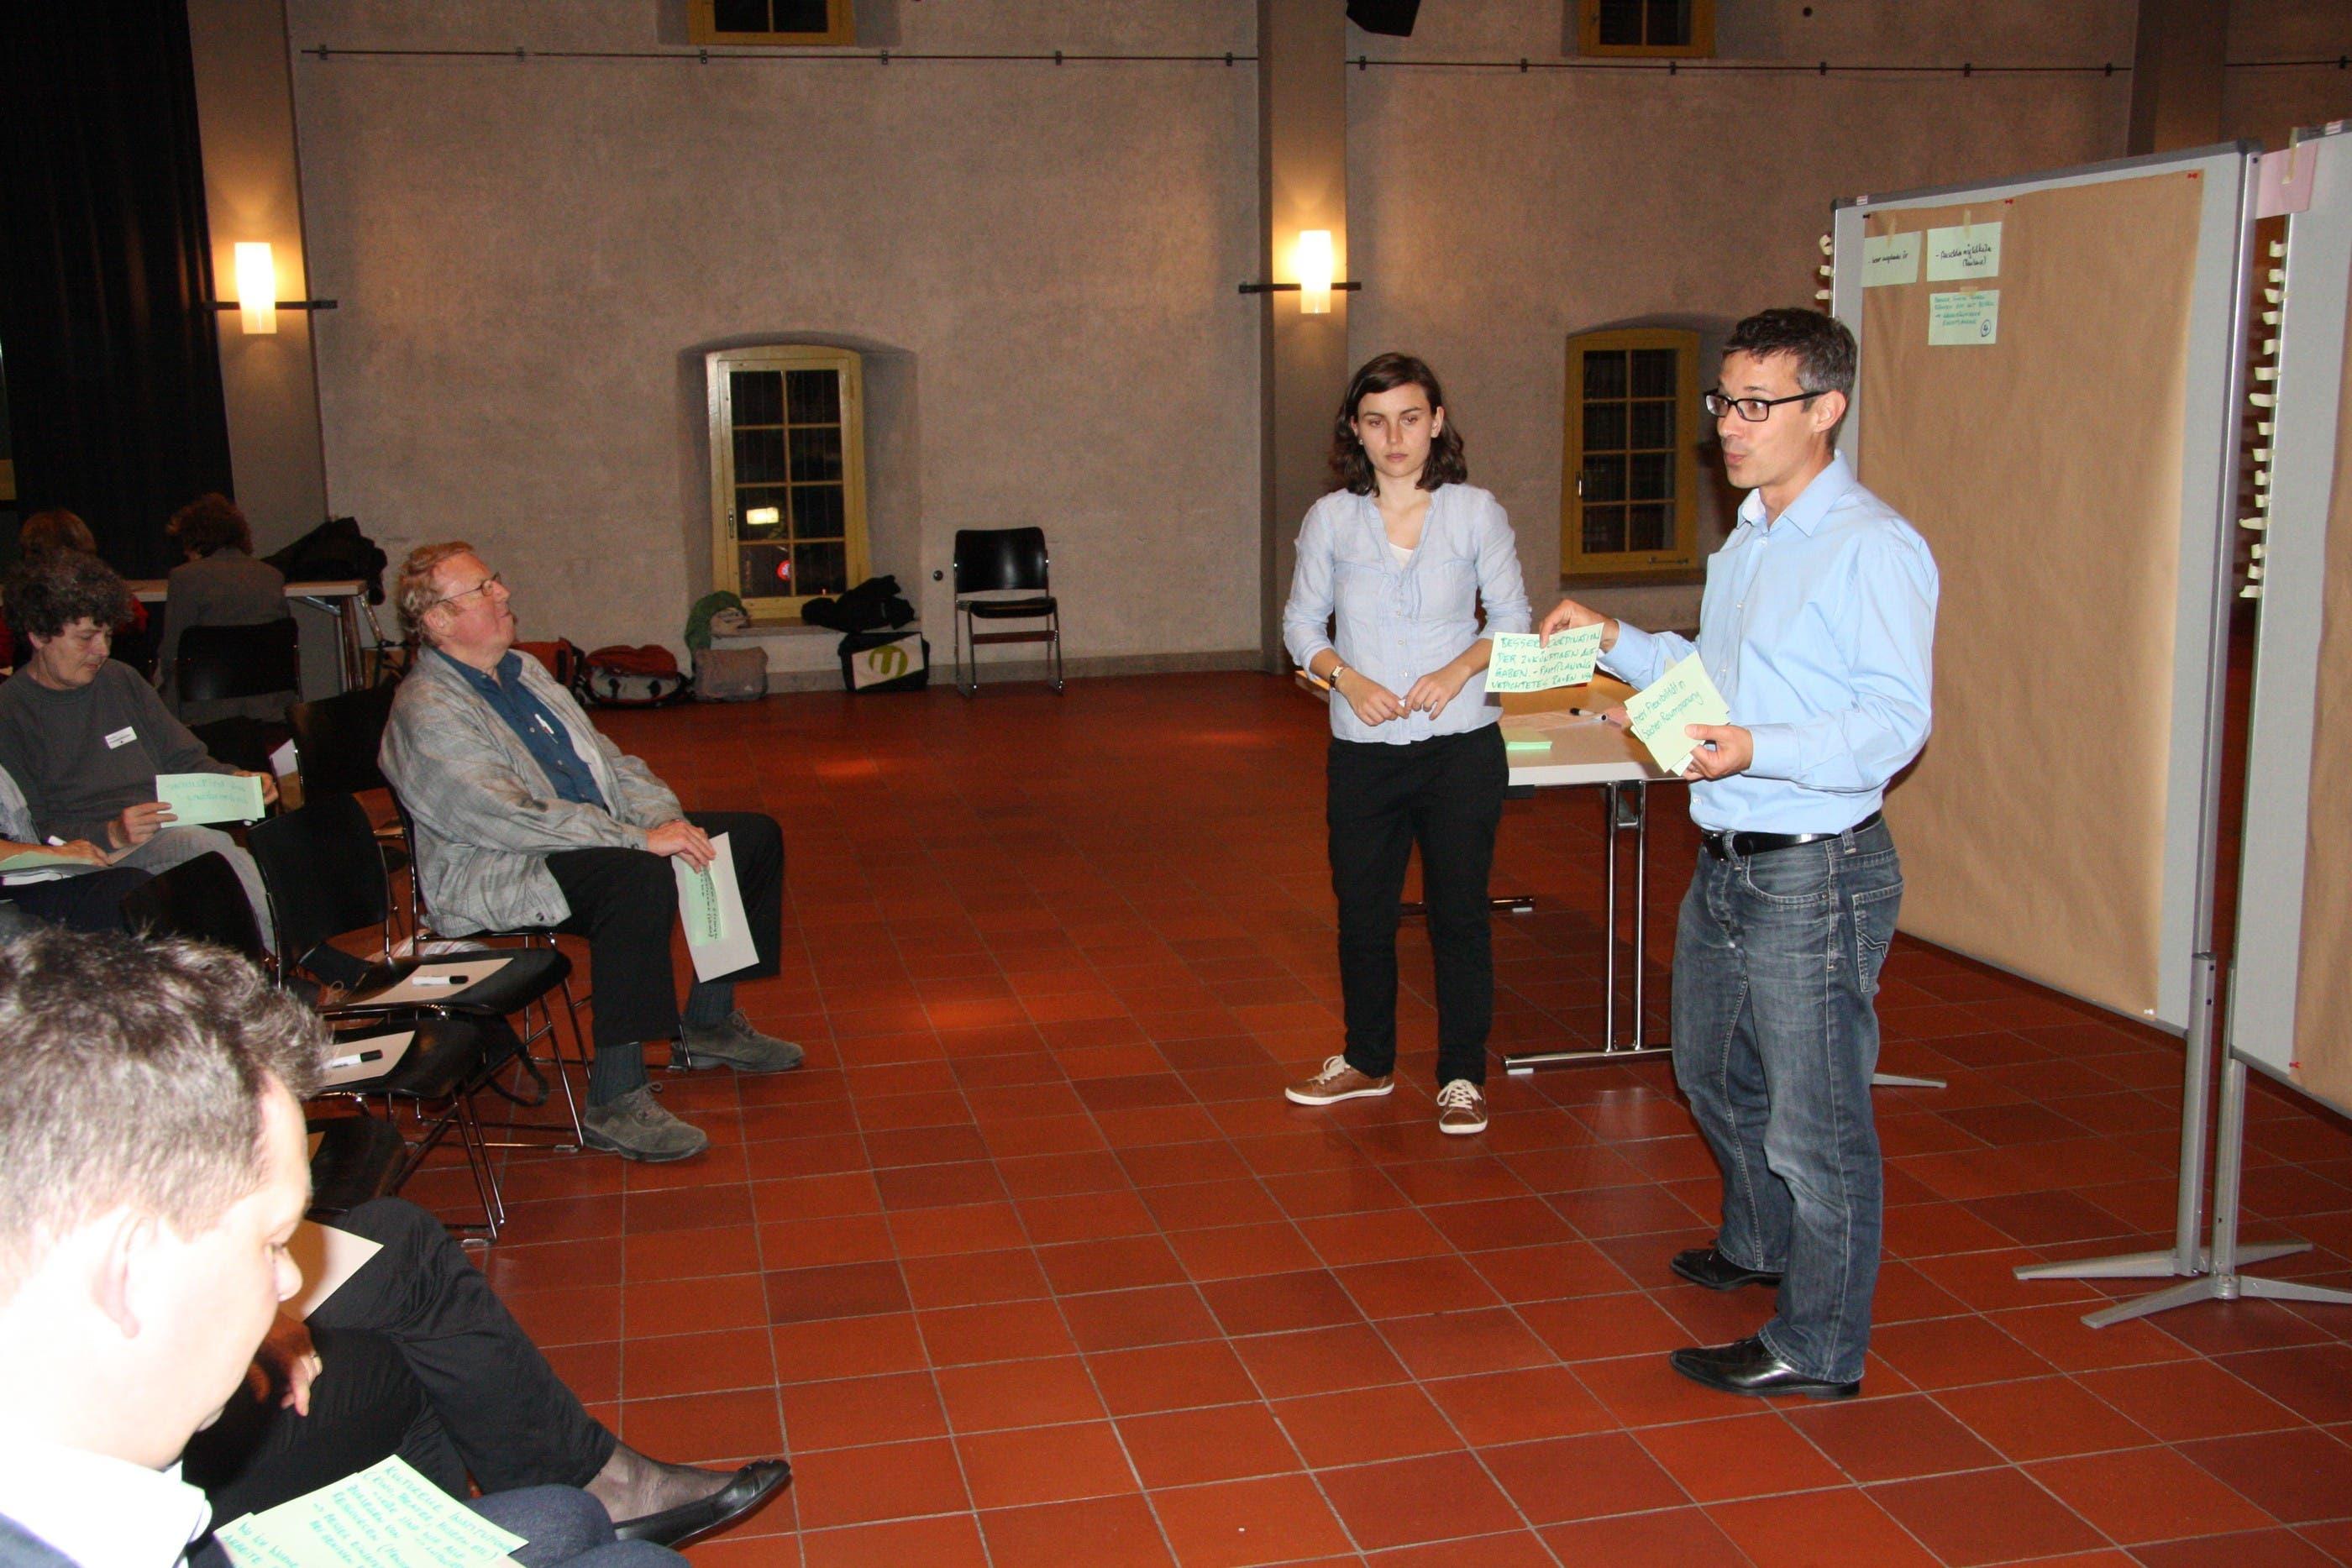 Melanie Lienhard und Stefan Bruni von der Hochschule Luzern, Co-Moderatoren